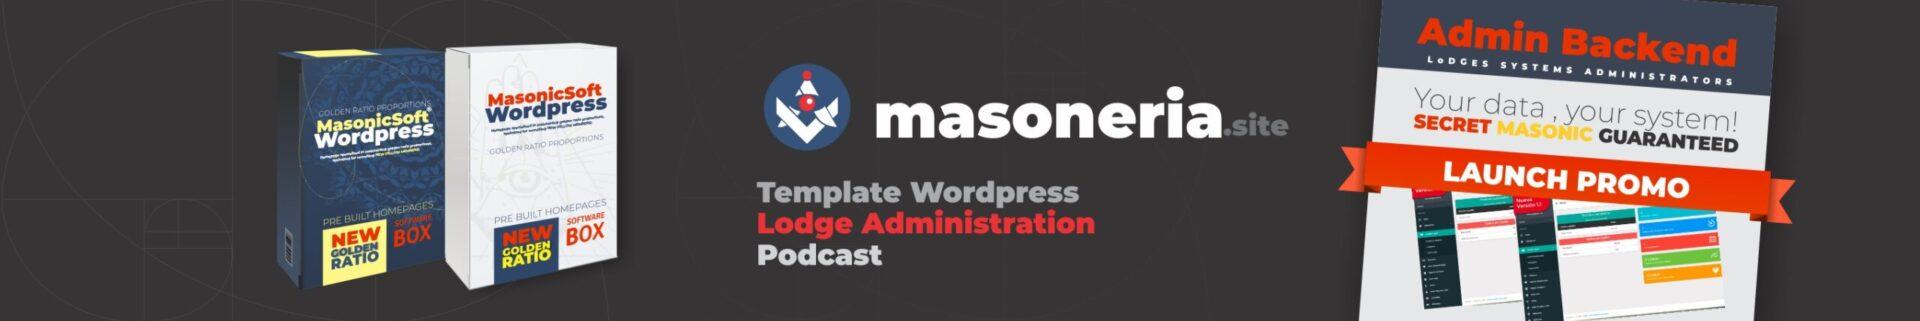 Masoneria.site